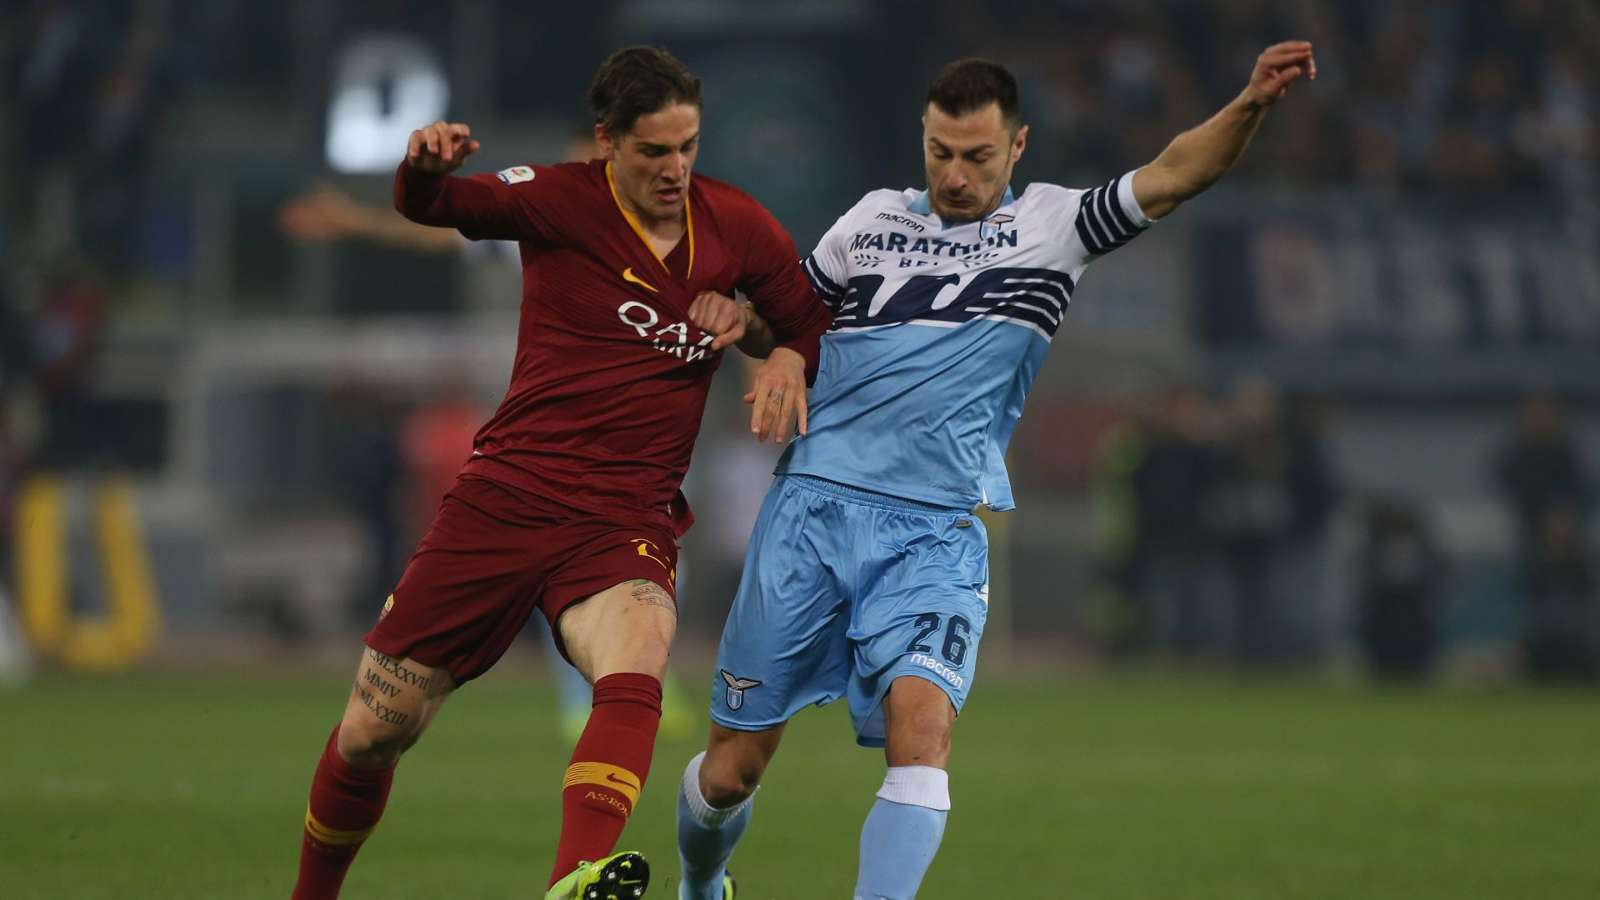 شاهد أهداف فور لاتسيو على روما 0/3 في الدوري الإيطالي